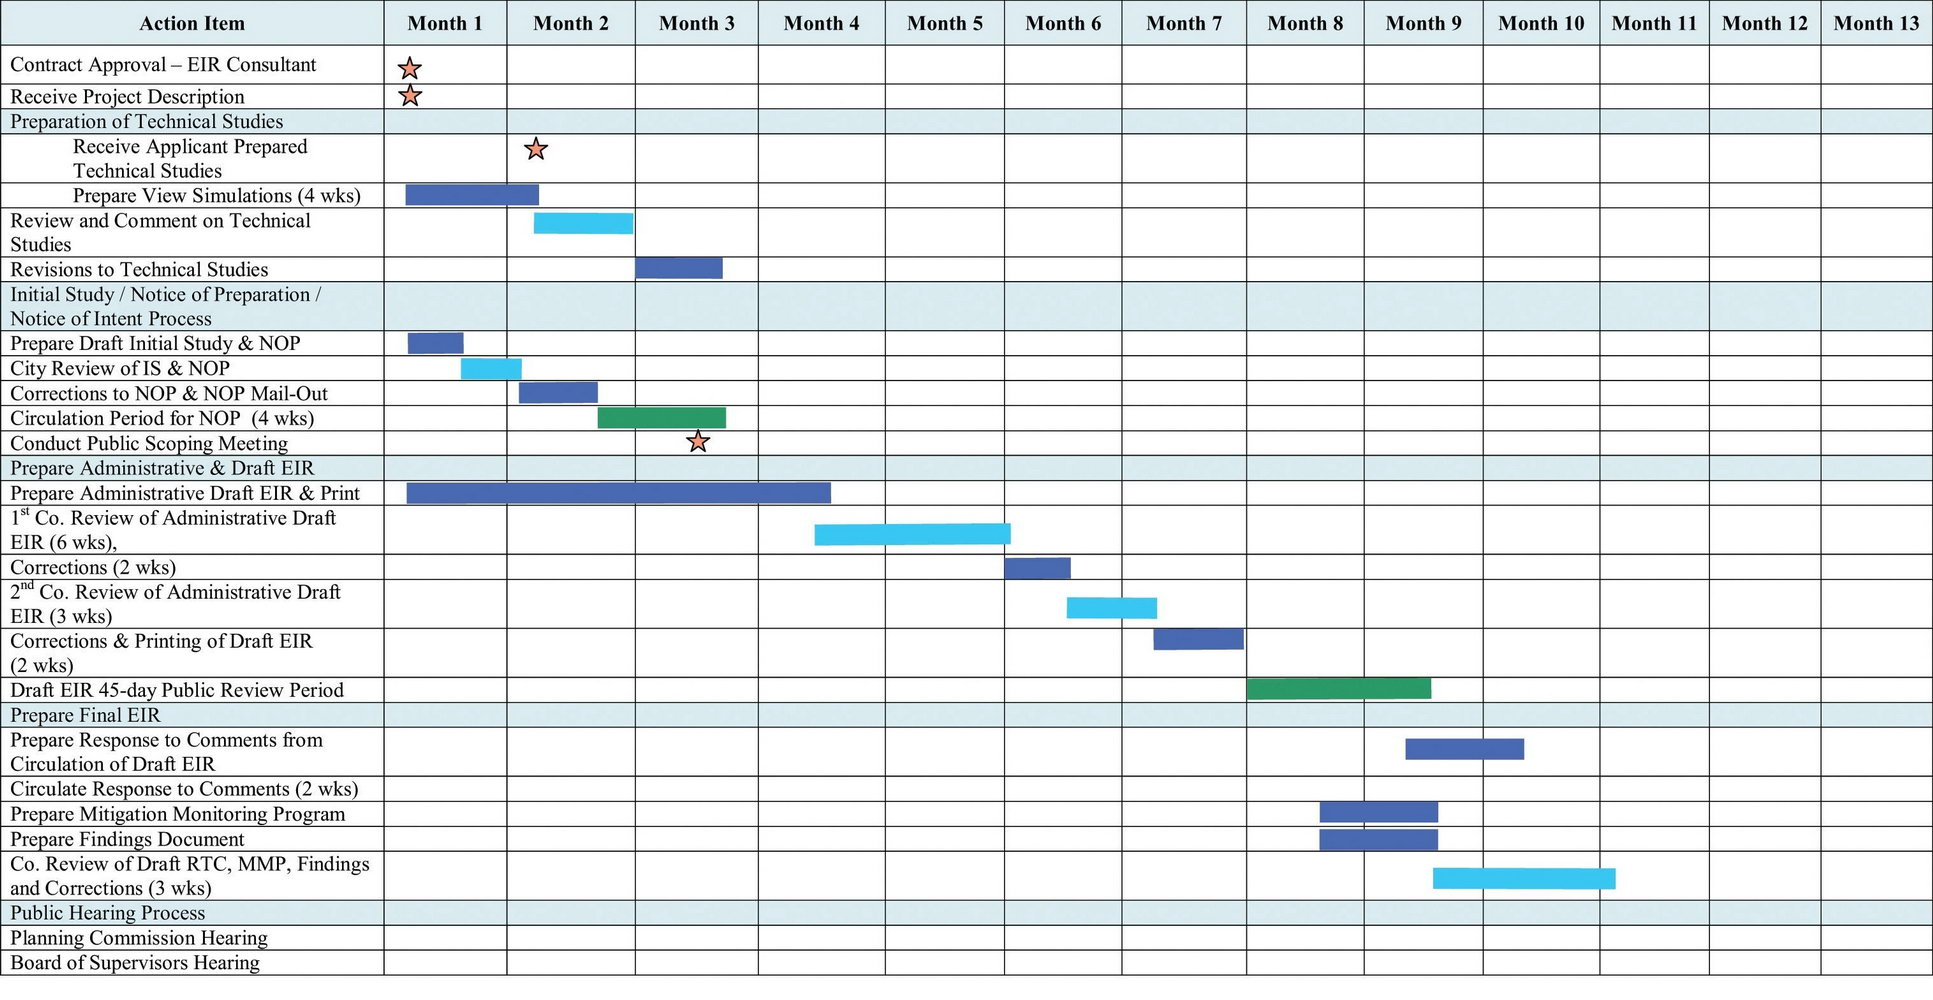 Gantt Chart Template With Months